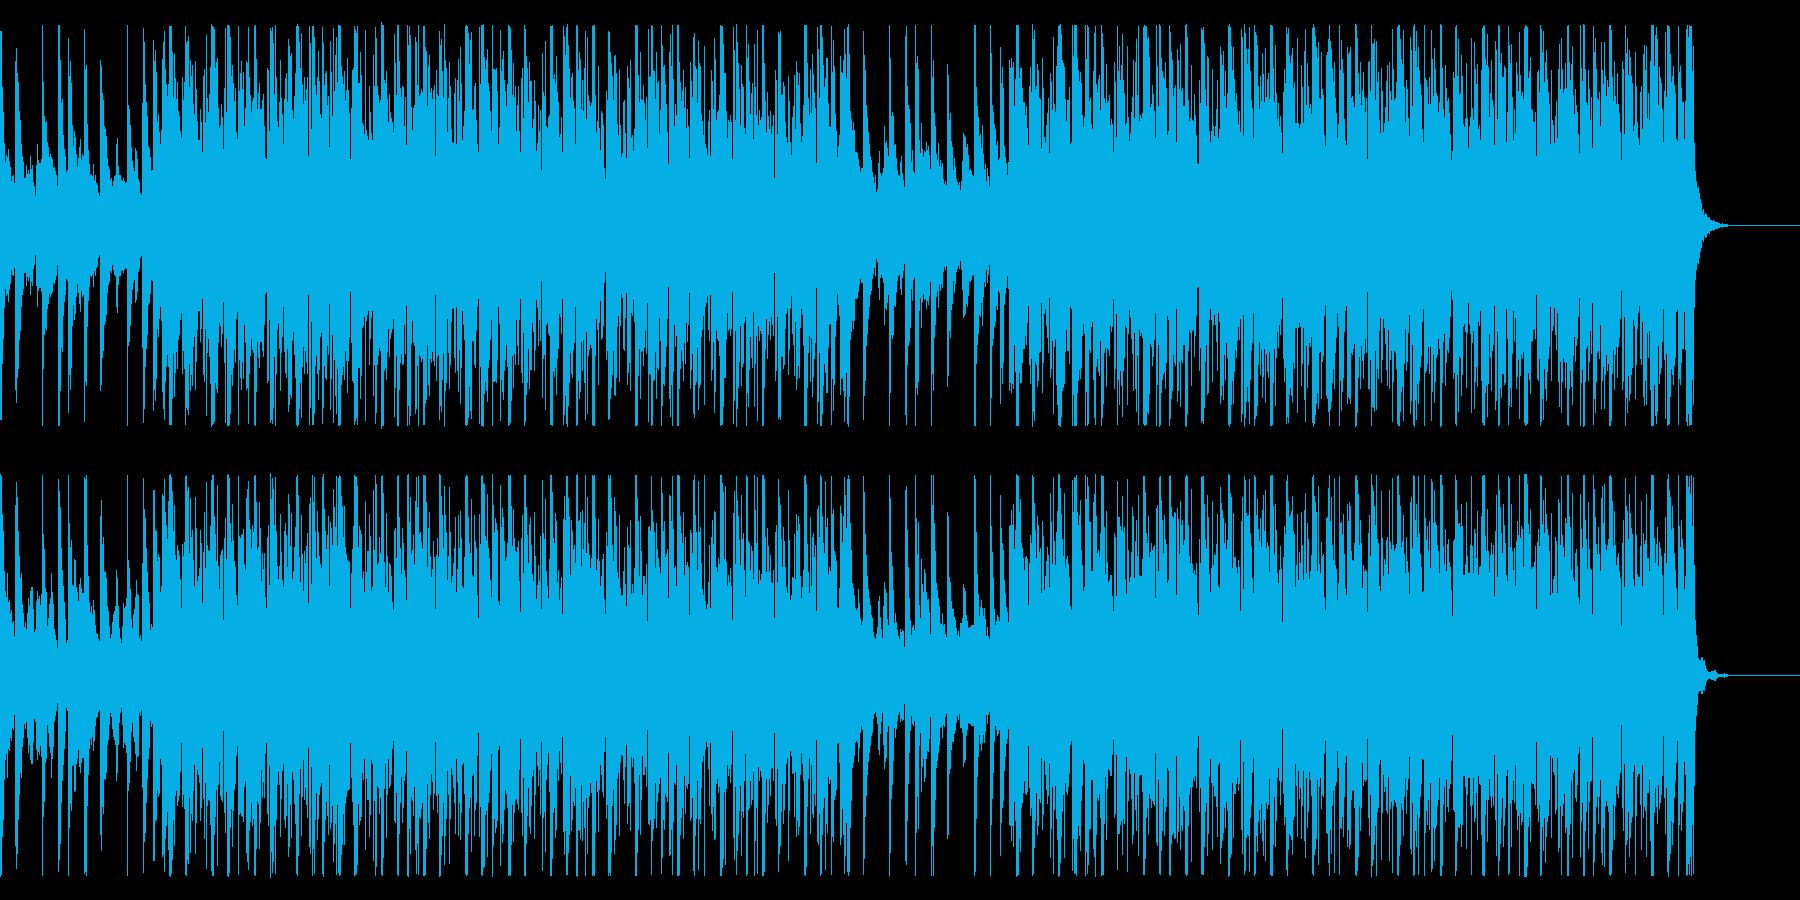 オシャレで疾走感のあるドラムンベースの再生済みの波形